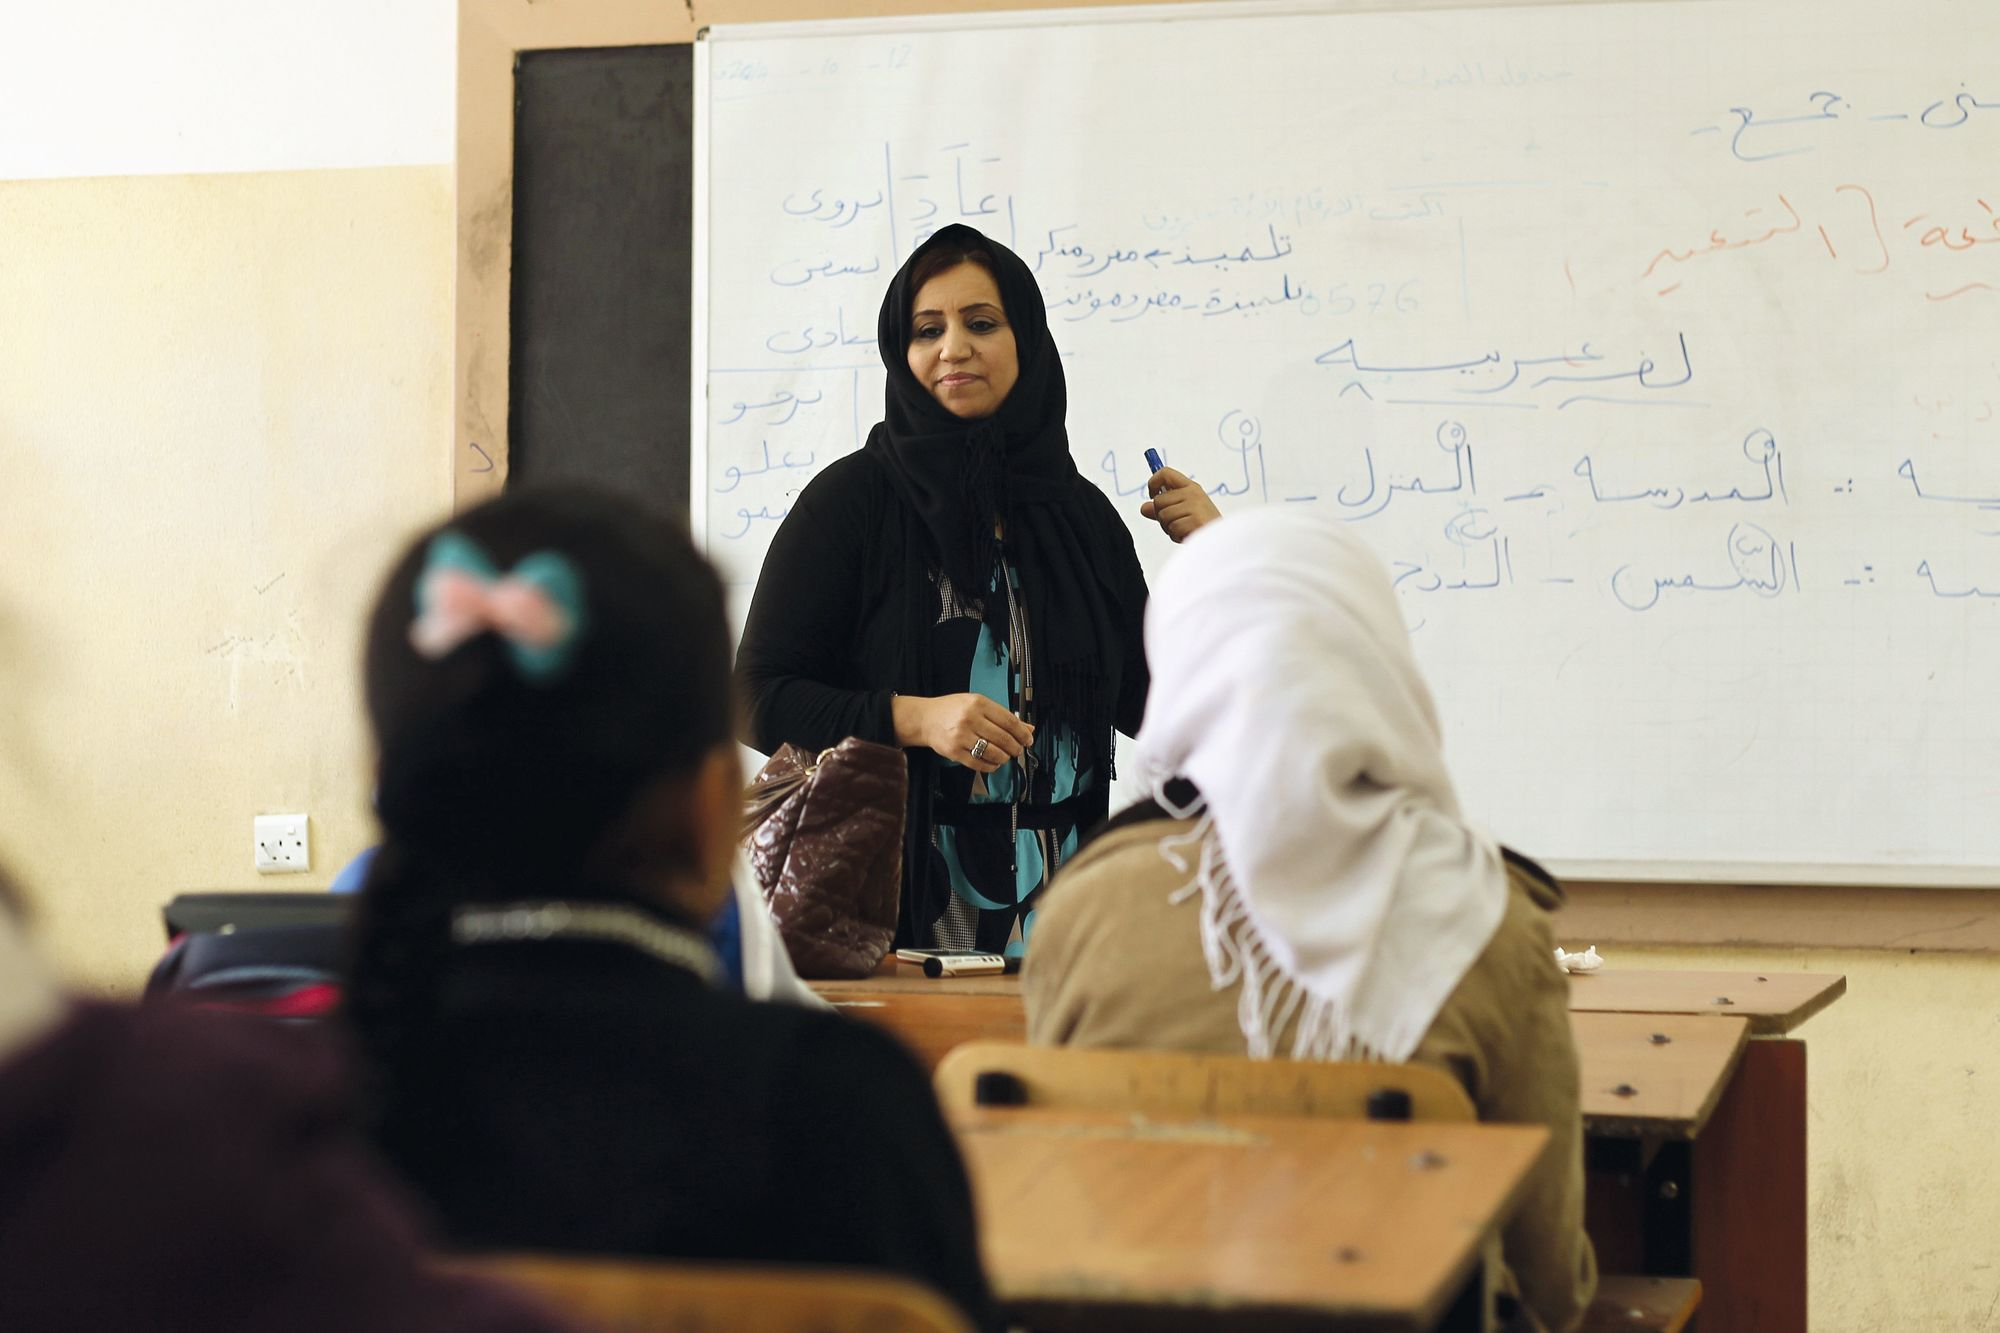 Le retour à l'école dans un pays en conflit